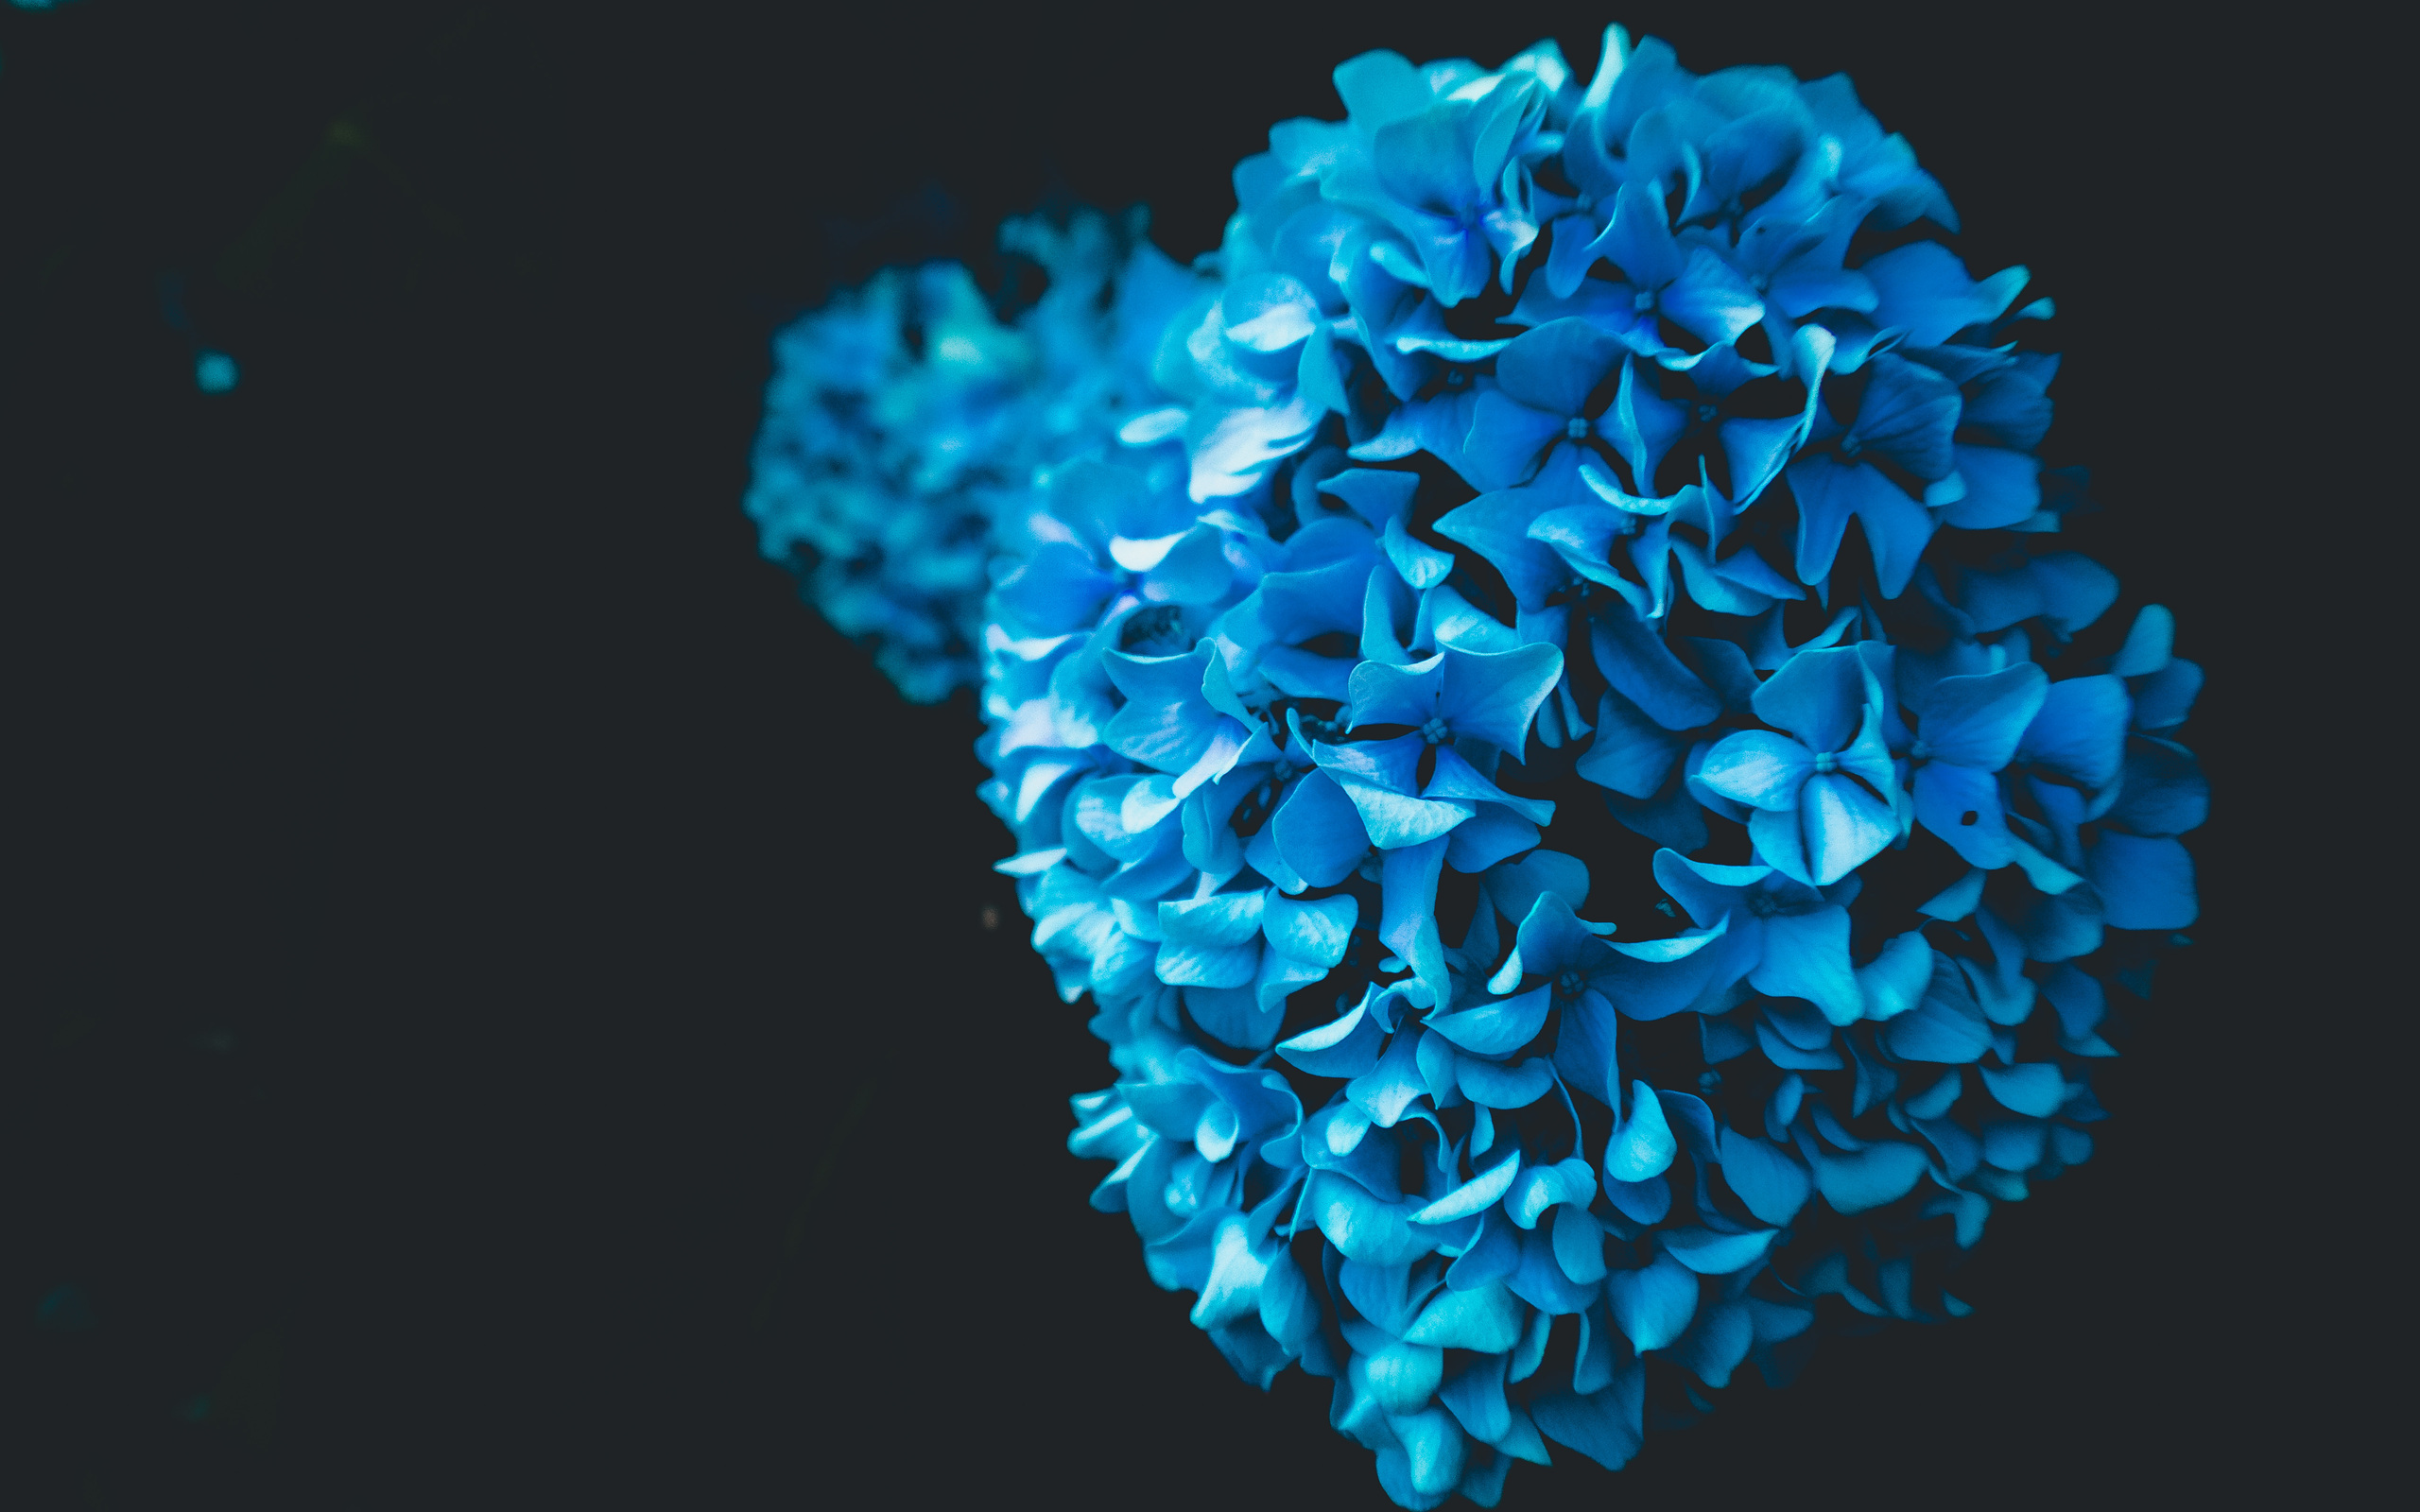 flower-oled-iq.jpg